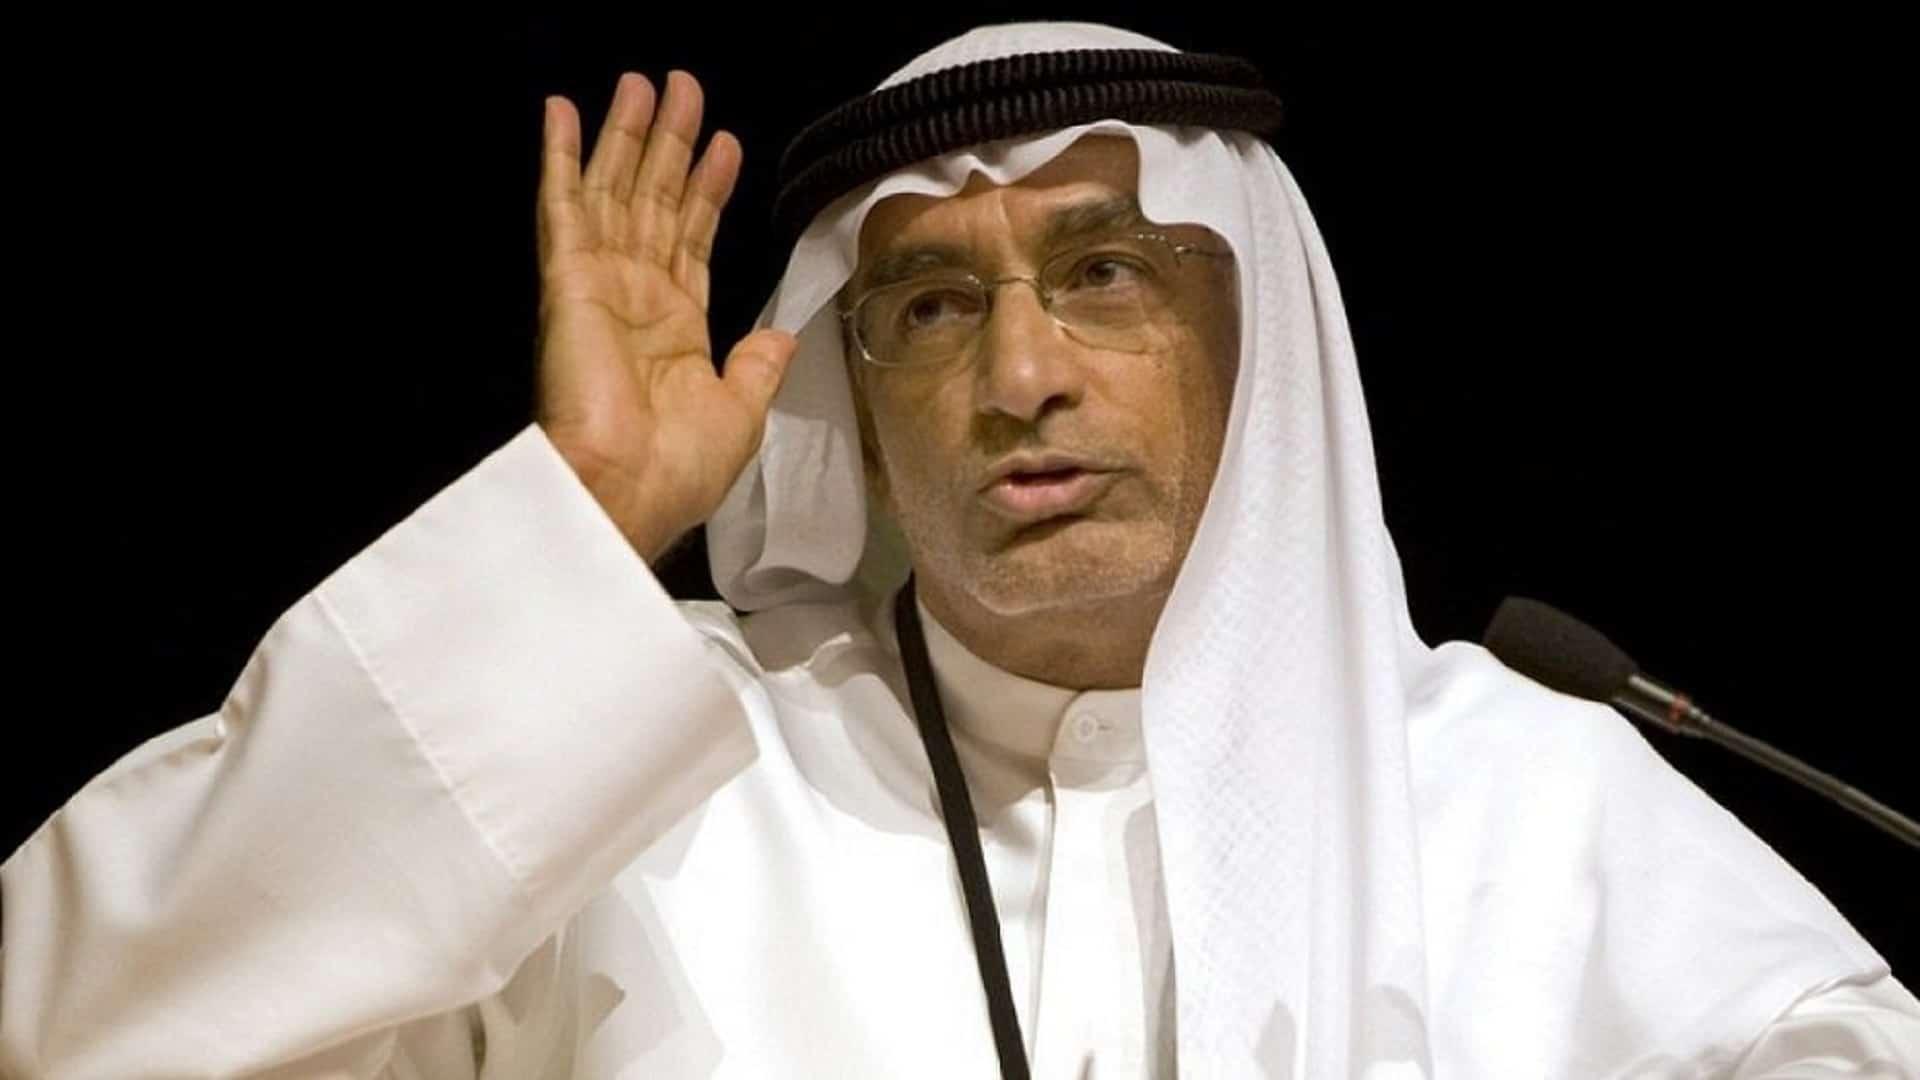 عبدالخالق عبدالله يثير الجدل بدعوته للتضامن الخليجي مع قطر.. إلى ماذا يهدف ابن زايد؟